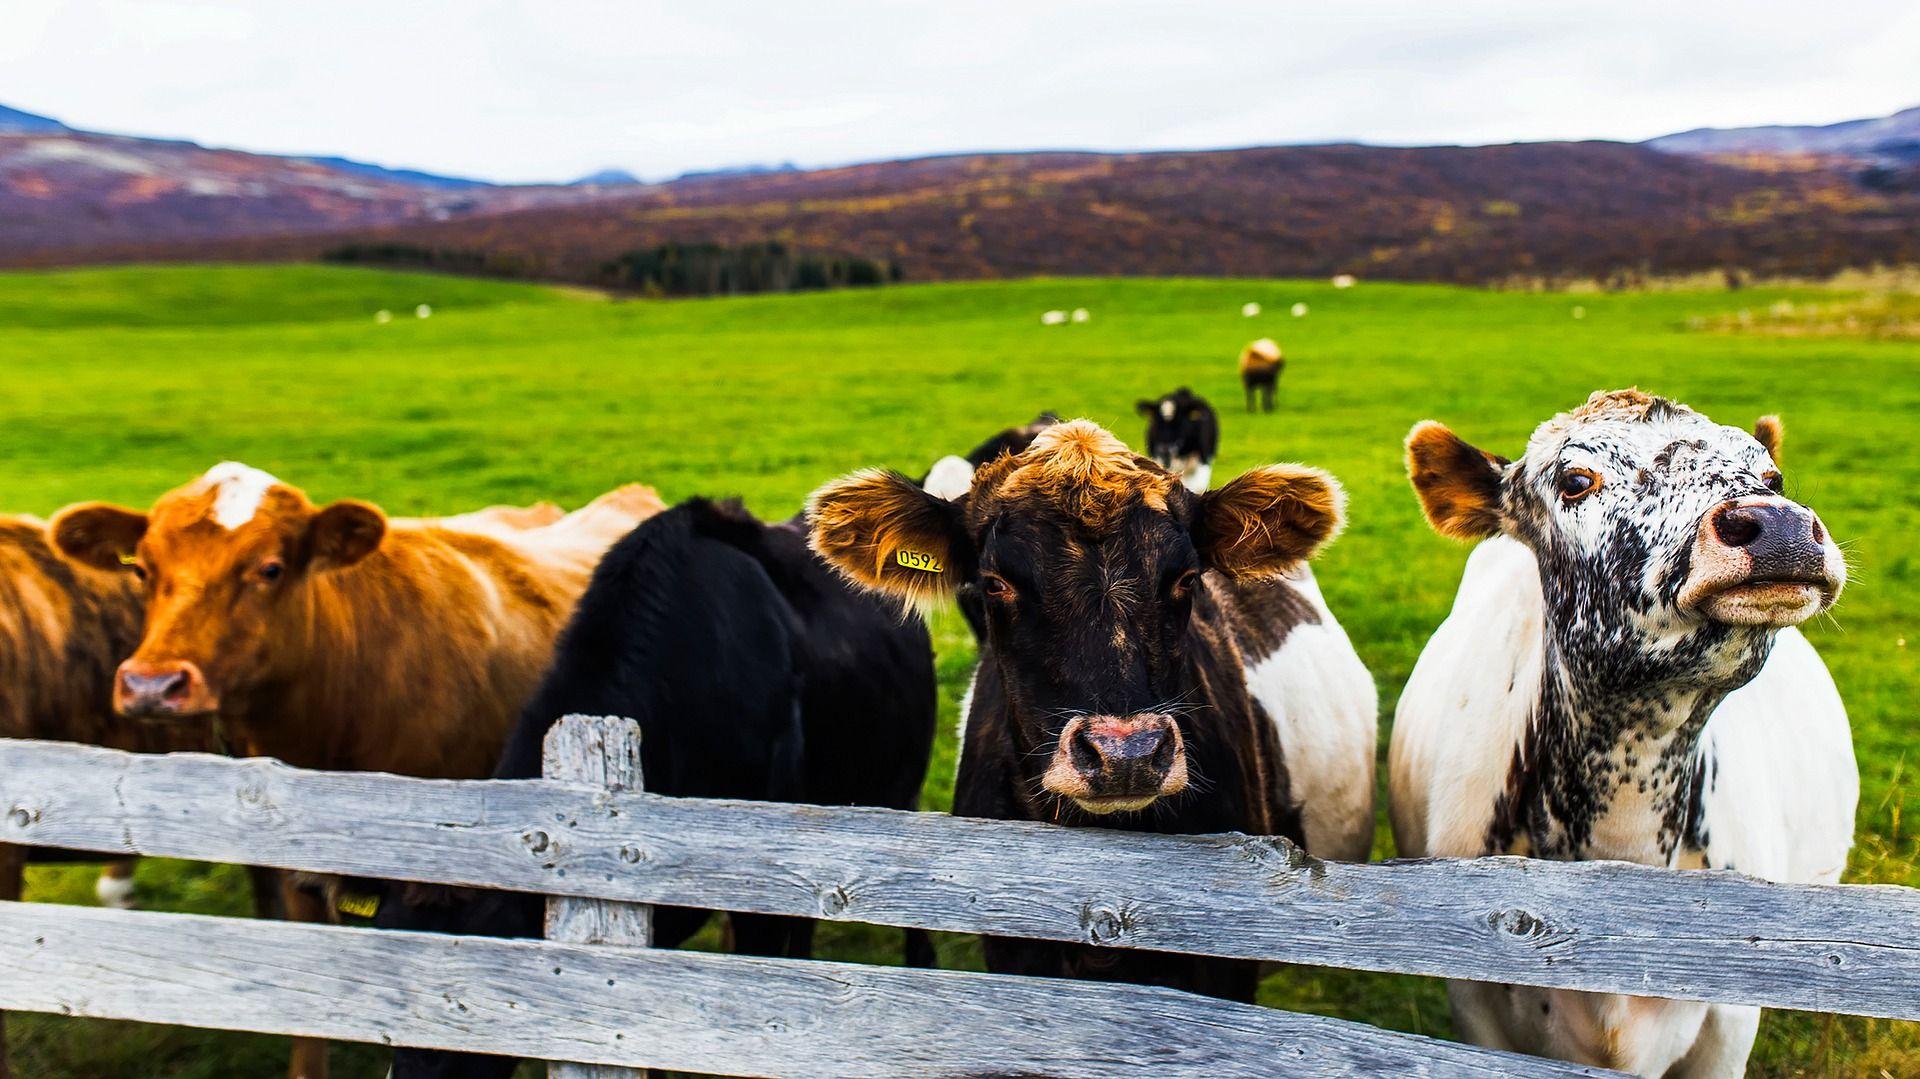 Trabajo sector alimentación animal